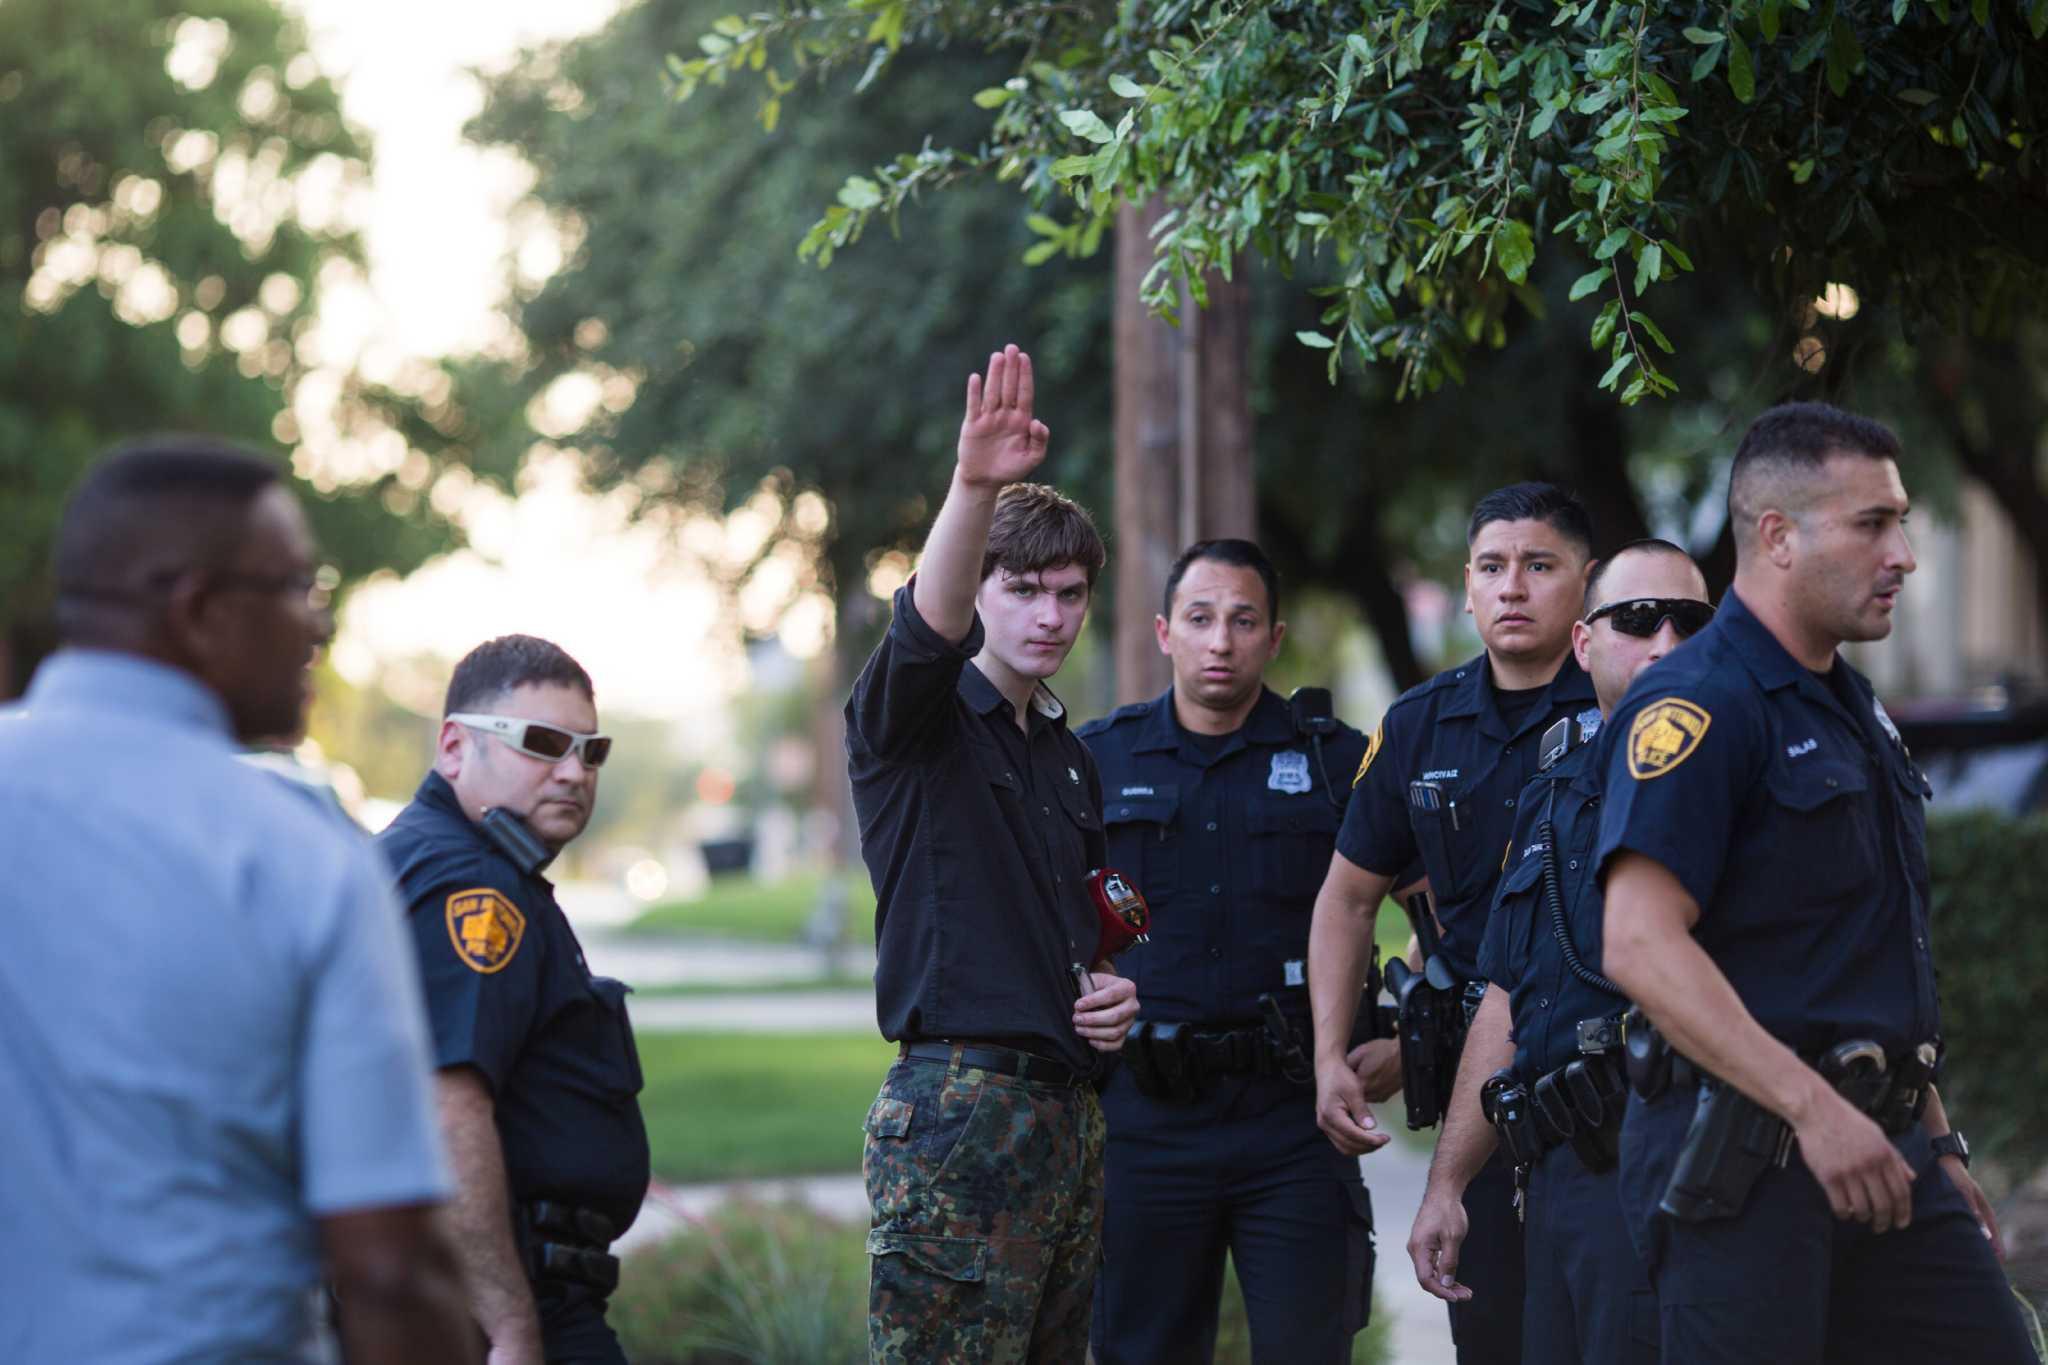 Racist At Vigil Sends Online Message San Antonio Express News